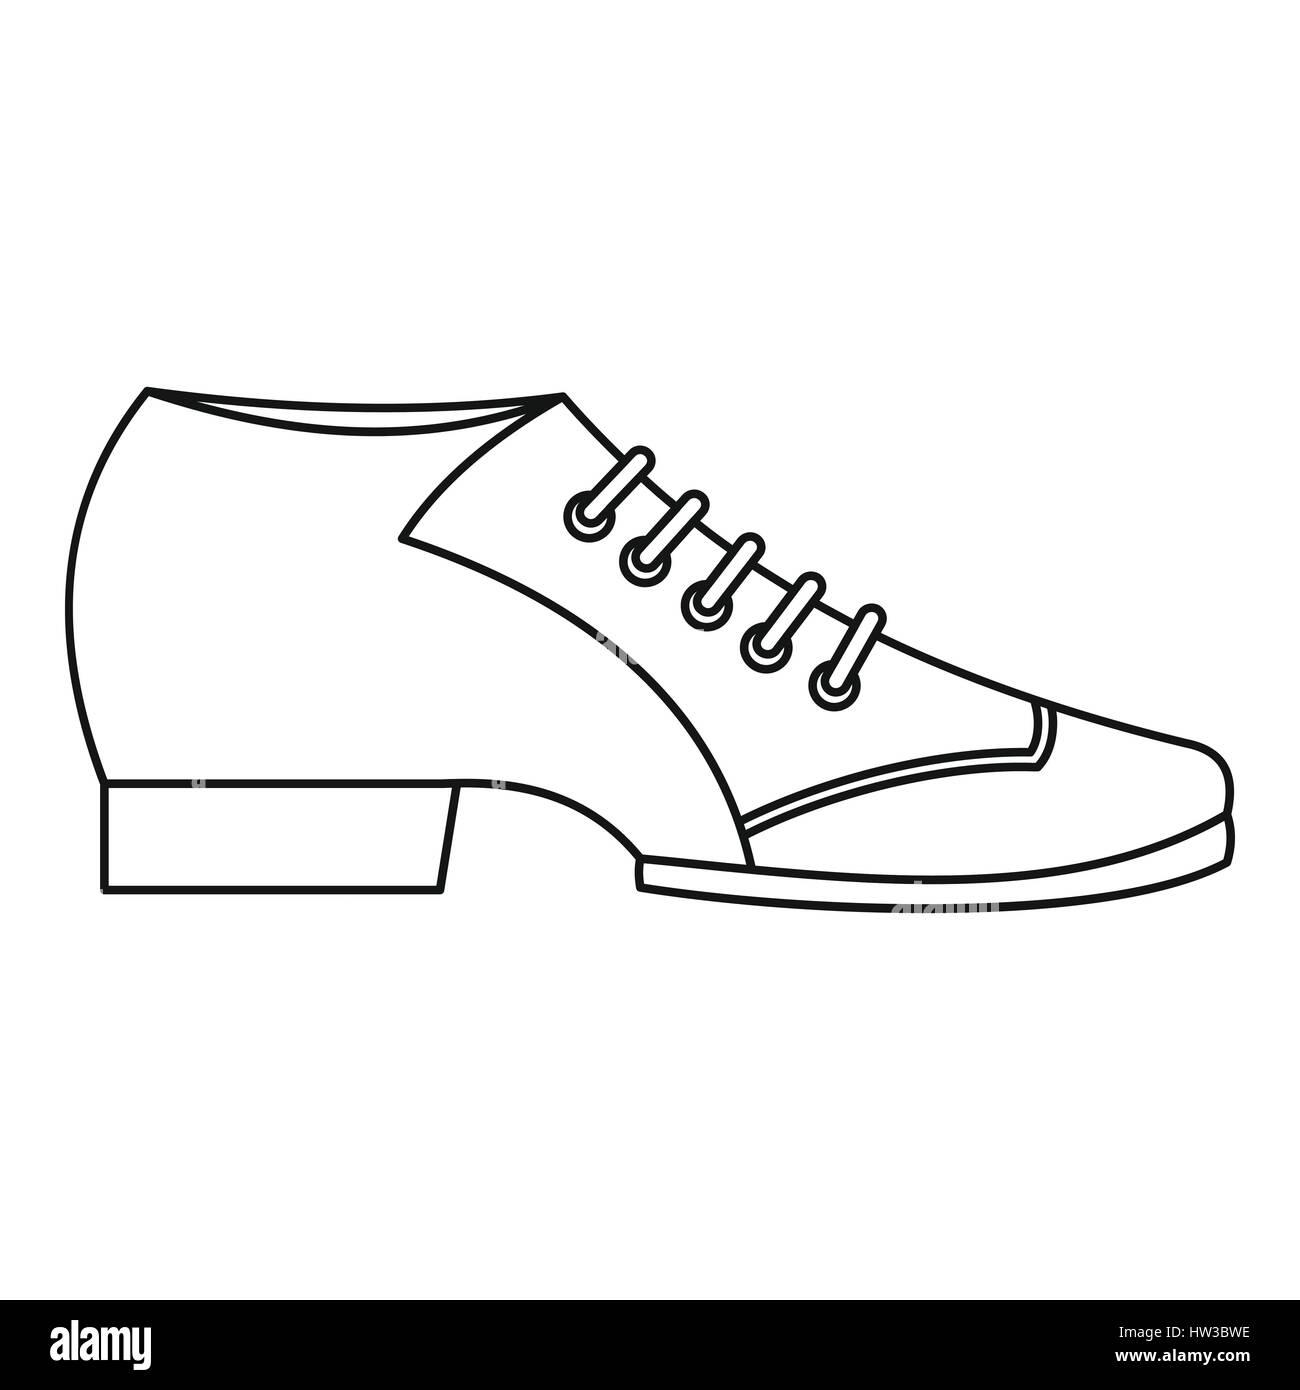 Et Tango Style ArgentinL'icône De Vecteurs Chaussures Contour YgvIb6yf7